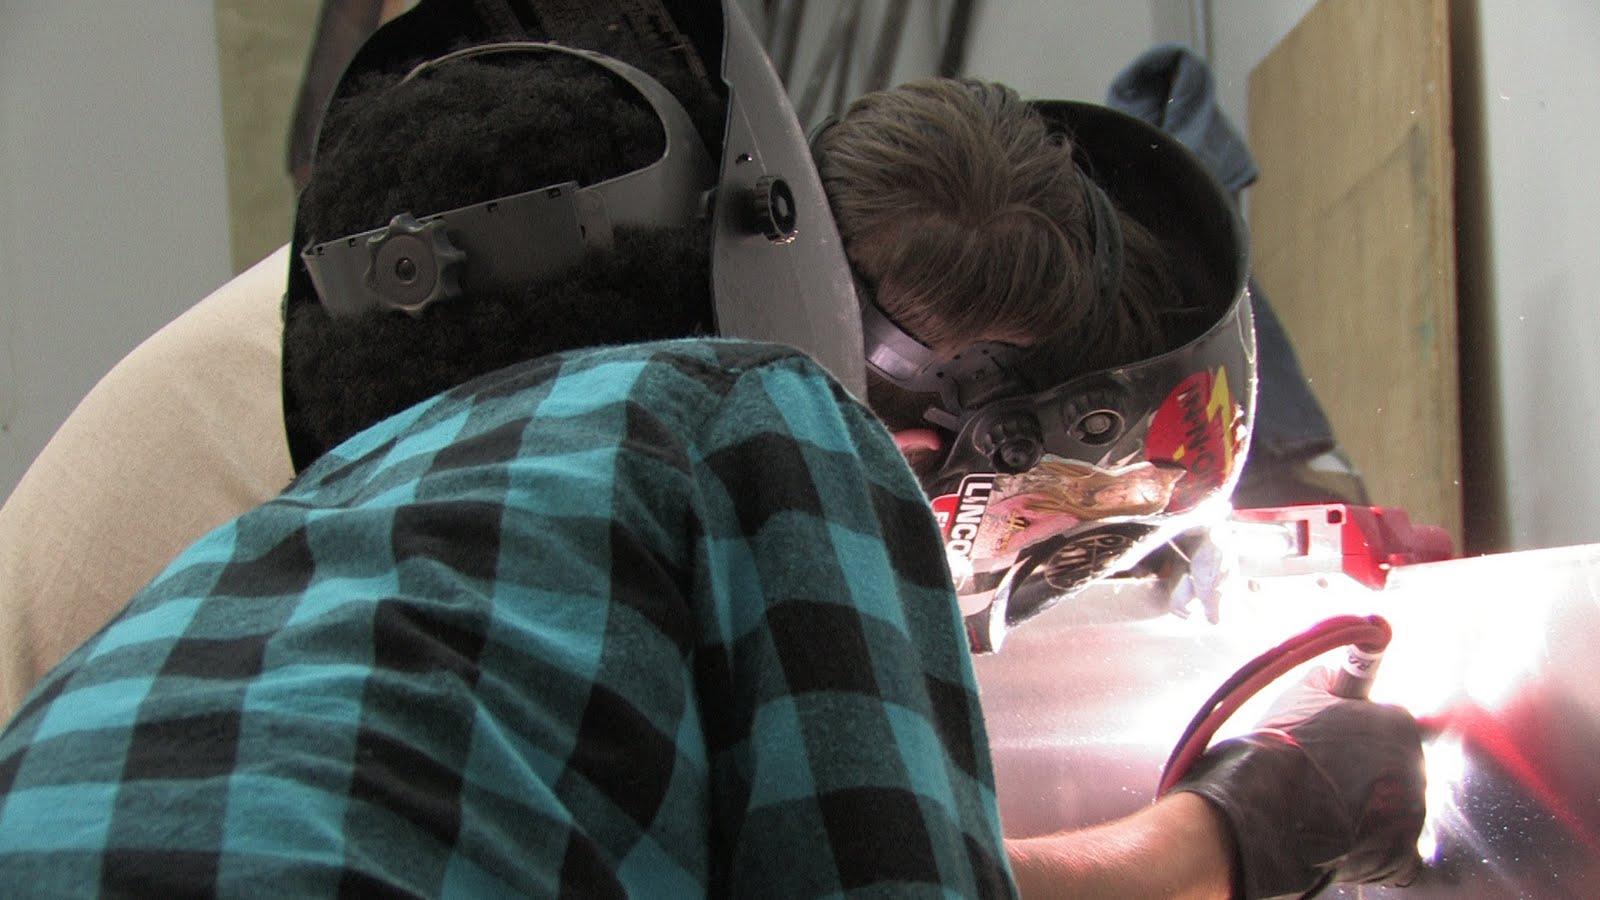 [welding+class]